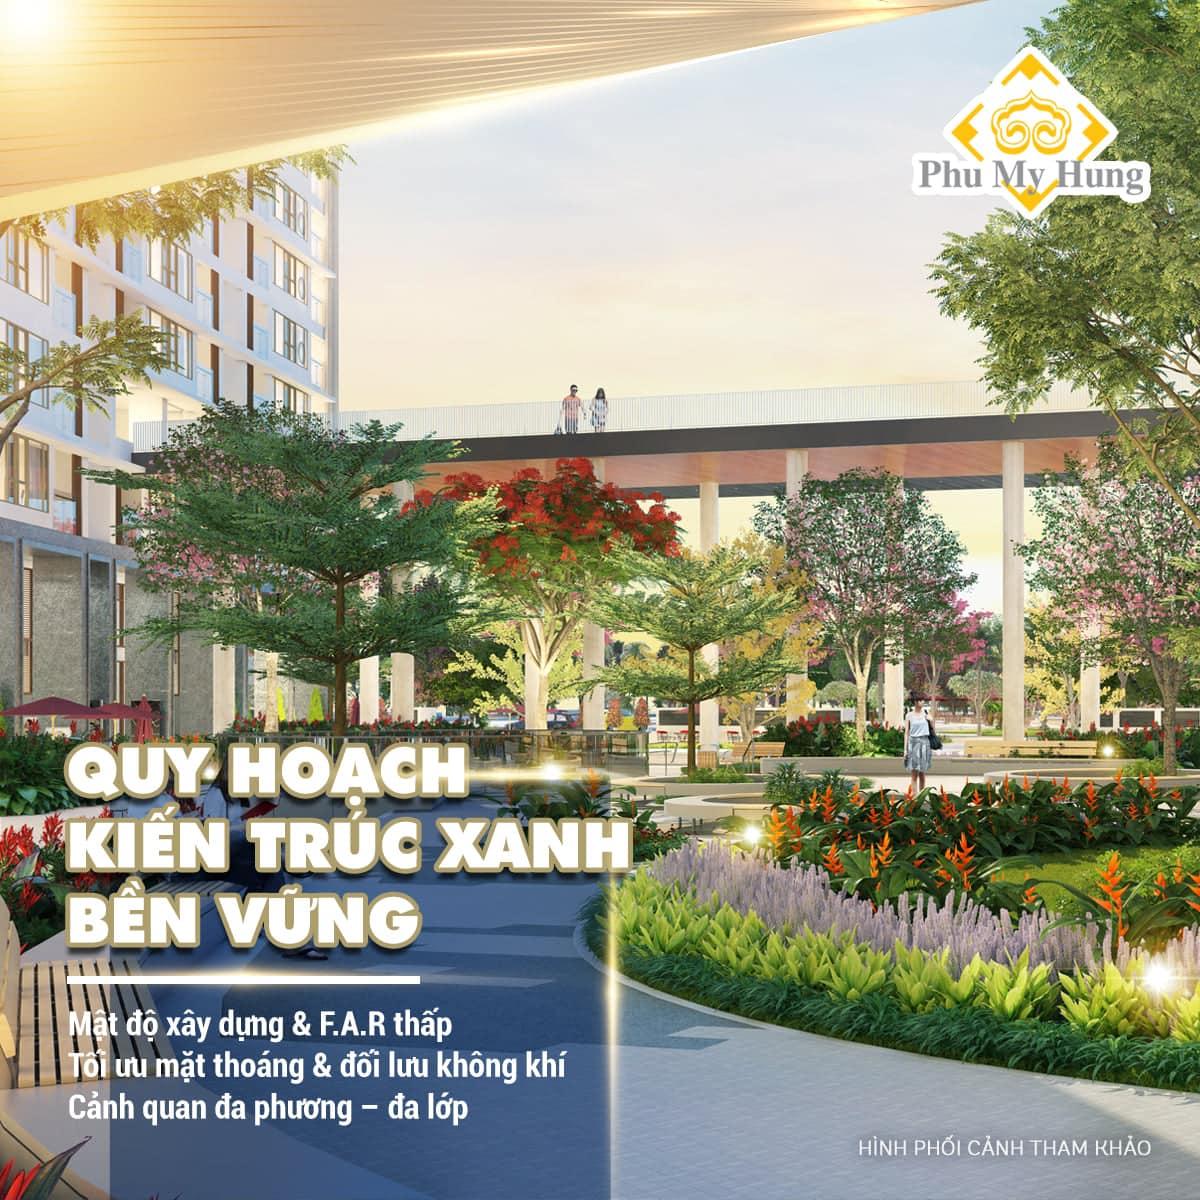 Quy hoạch kiến trúc xanh bền vững